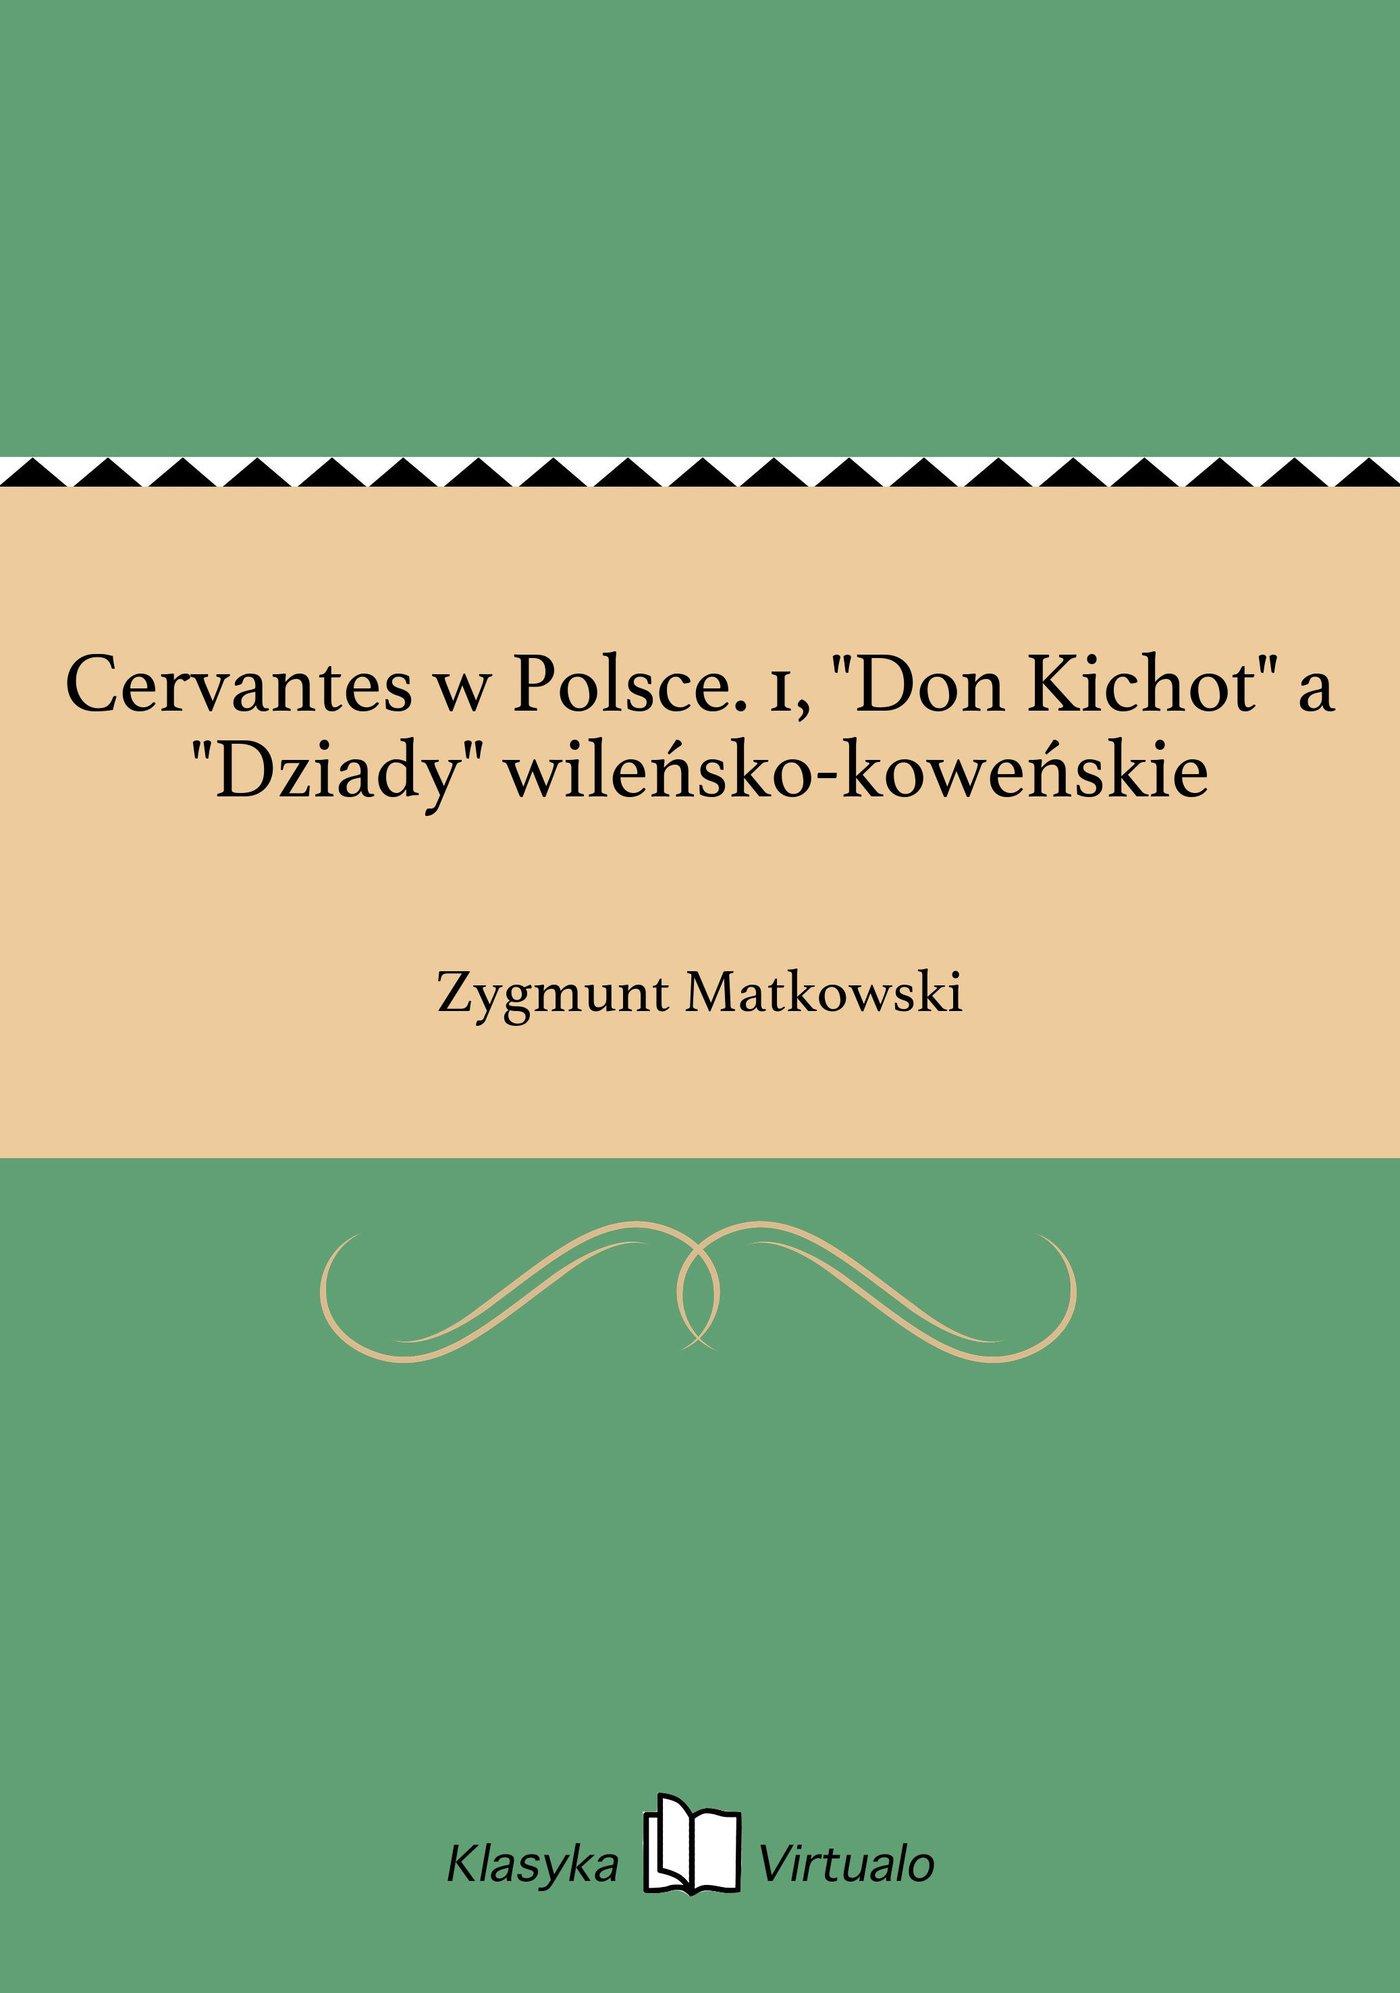 """Cervantes w Polsce. 1, """"Don Kichot"""" a """"Dziady"""" wileńsko-koweńskie - Ebook (Książka na Kindle) do pobrania w formacie MOBI"""